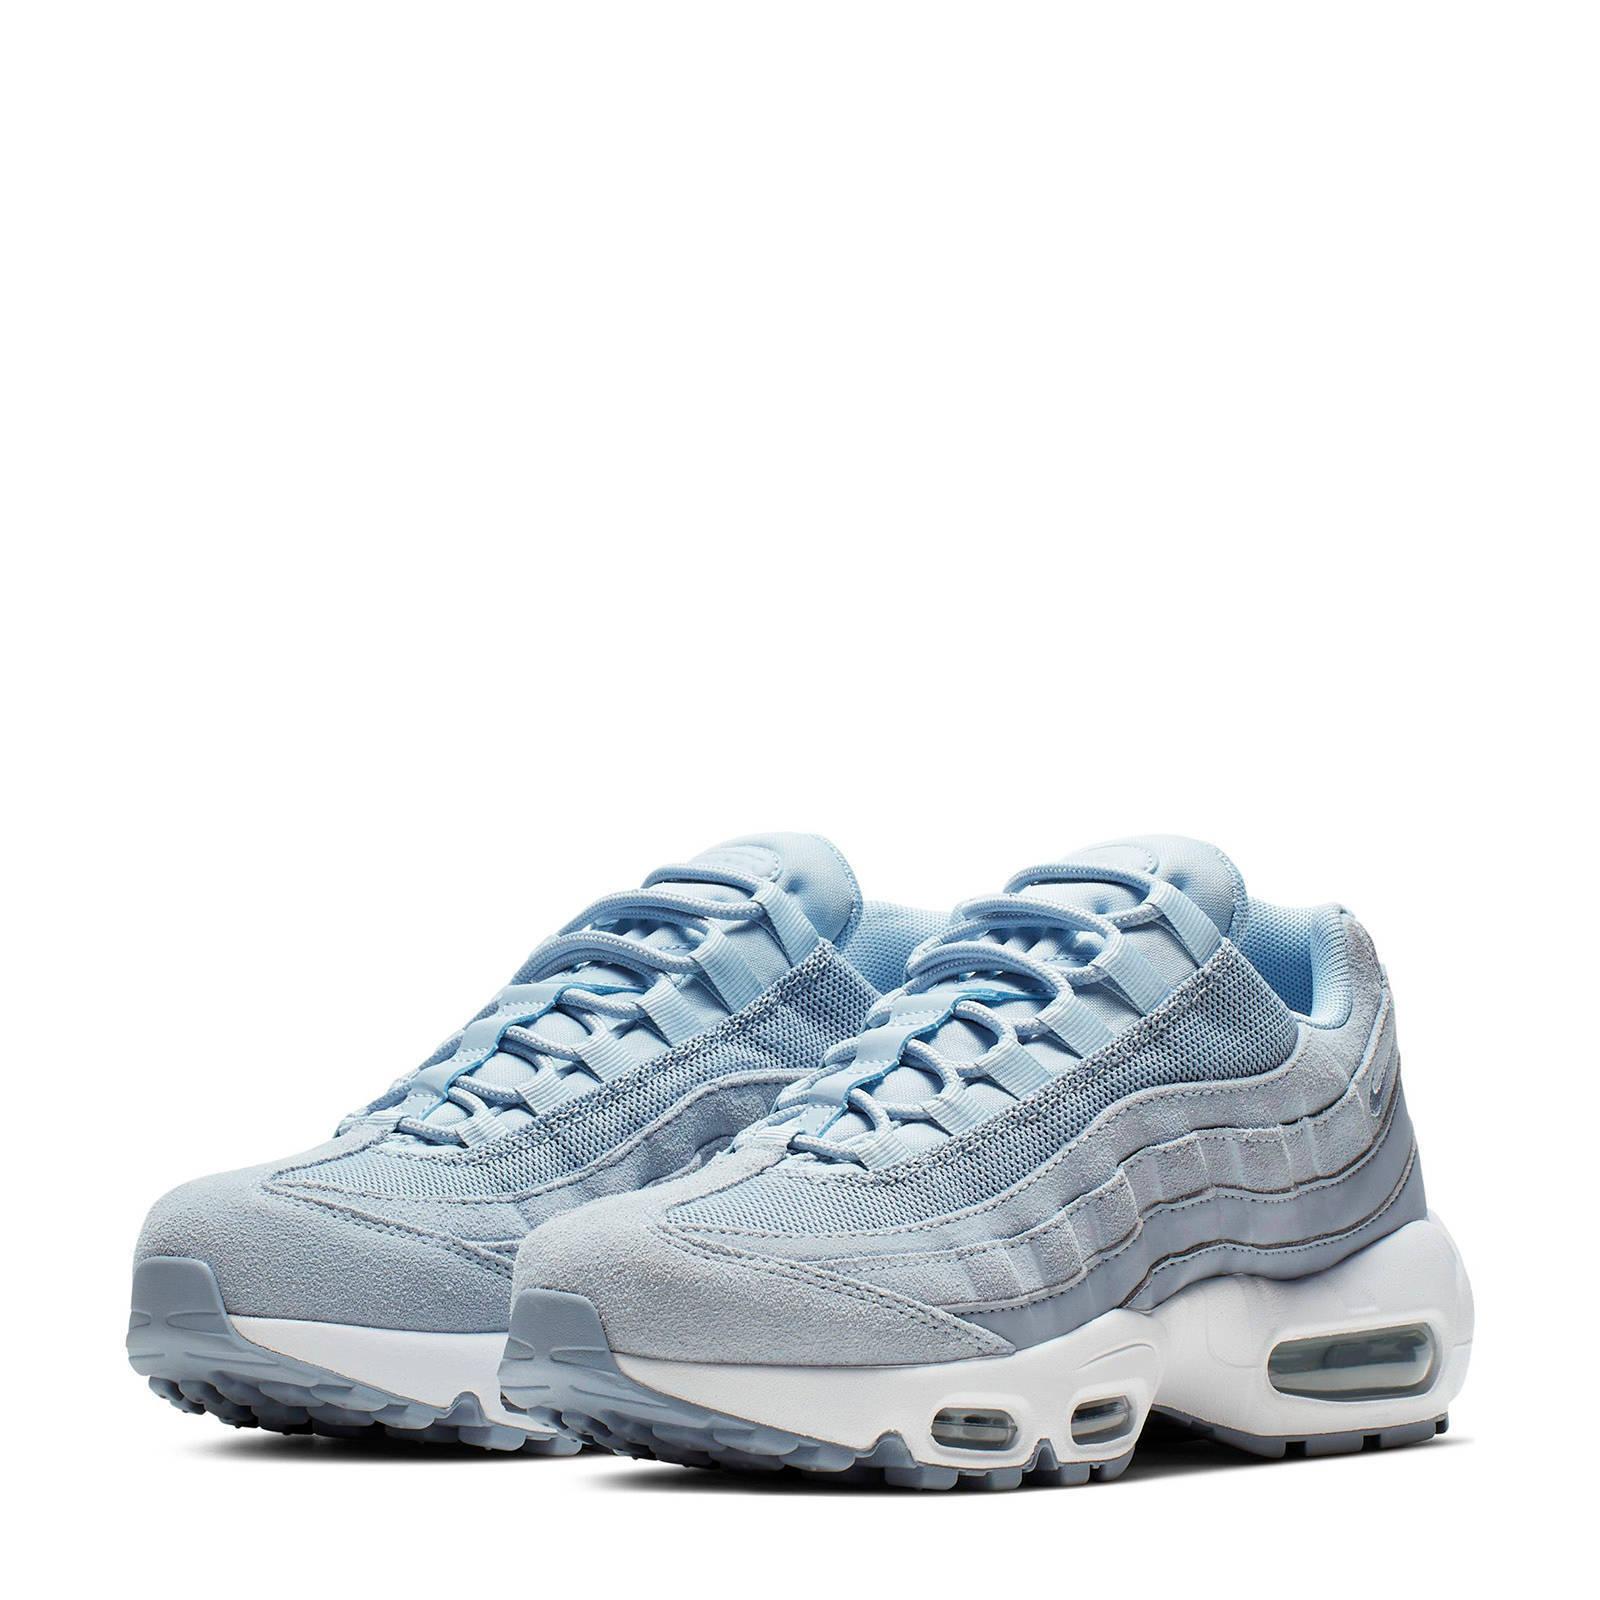 Nike Air Max 95 Prm sneakers blauw/wit | wehkamp